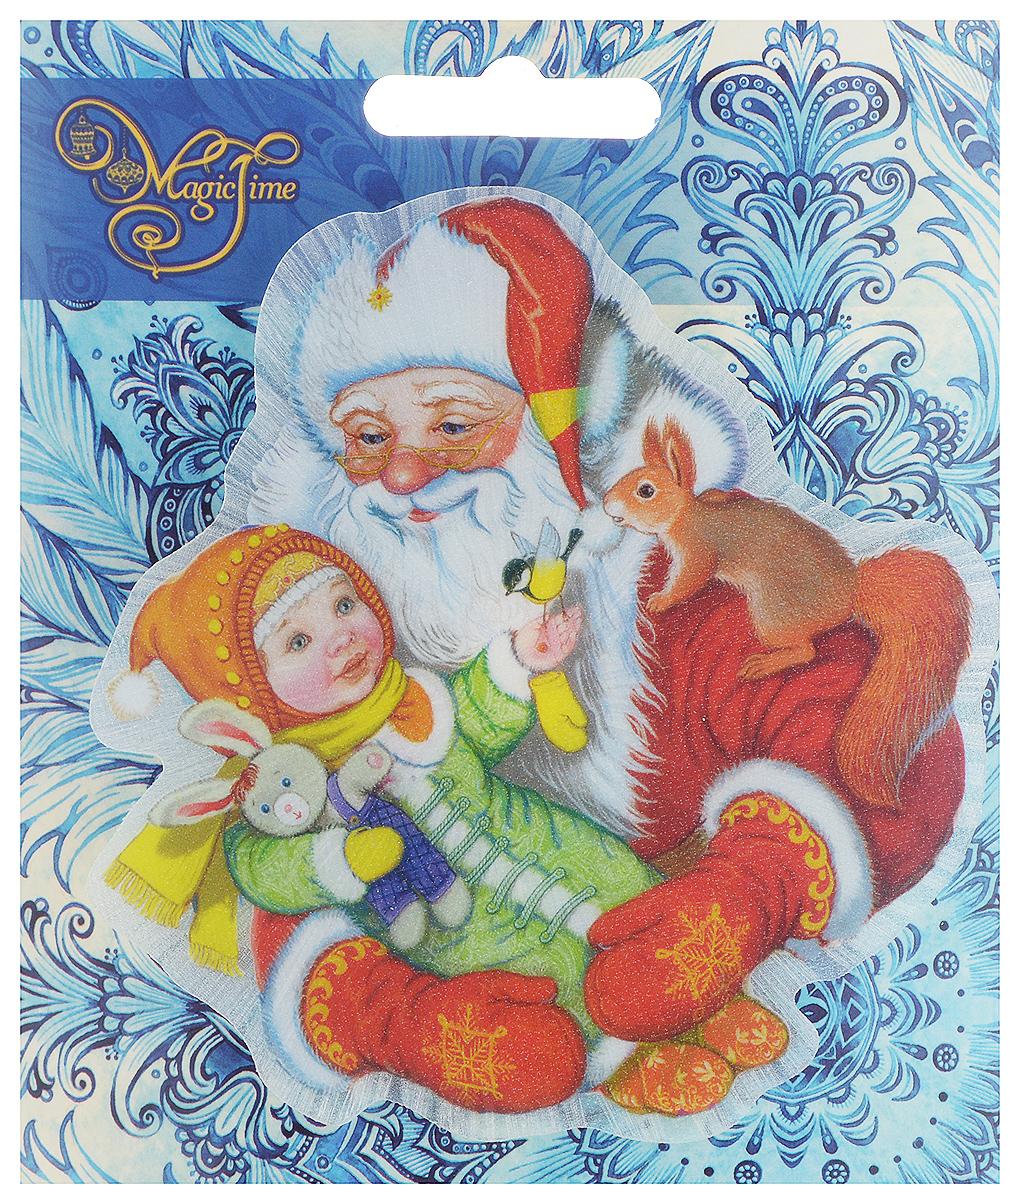 Украшение новогоднее Magic Time Дедушка Мороз с девочкой, со светодиодной подсветкой, 11,5 x 11 x 3 см. 4220742207Оригинальное новогоднее украшение Magic Time Дедушка Мороз с девочкой выполнено из ПВХ. С помощью специальной вакуумной присоски украшение можно прикрепить почти на любую плоскую поверхность. Светодиодная подцветка создаст атмосферу волшебства и ощущение праздника.Такой сувенир оформит ваш интерьер в преддверии Нового года и создаст атмосферу уюта.Размер: 11,5 x 11 x 3 см;Элемент питания: LR44;Мощность: 0,06 Вт;Напряжение: 3 В.